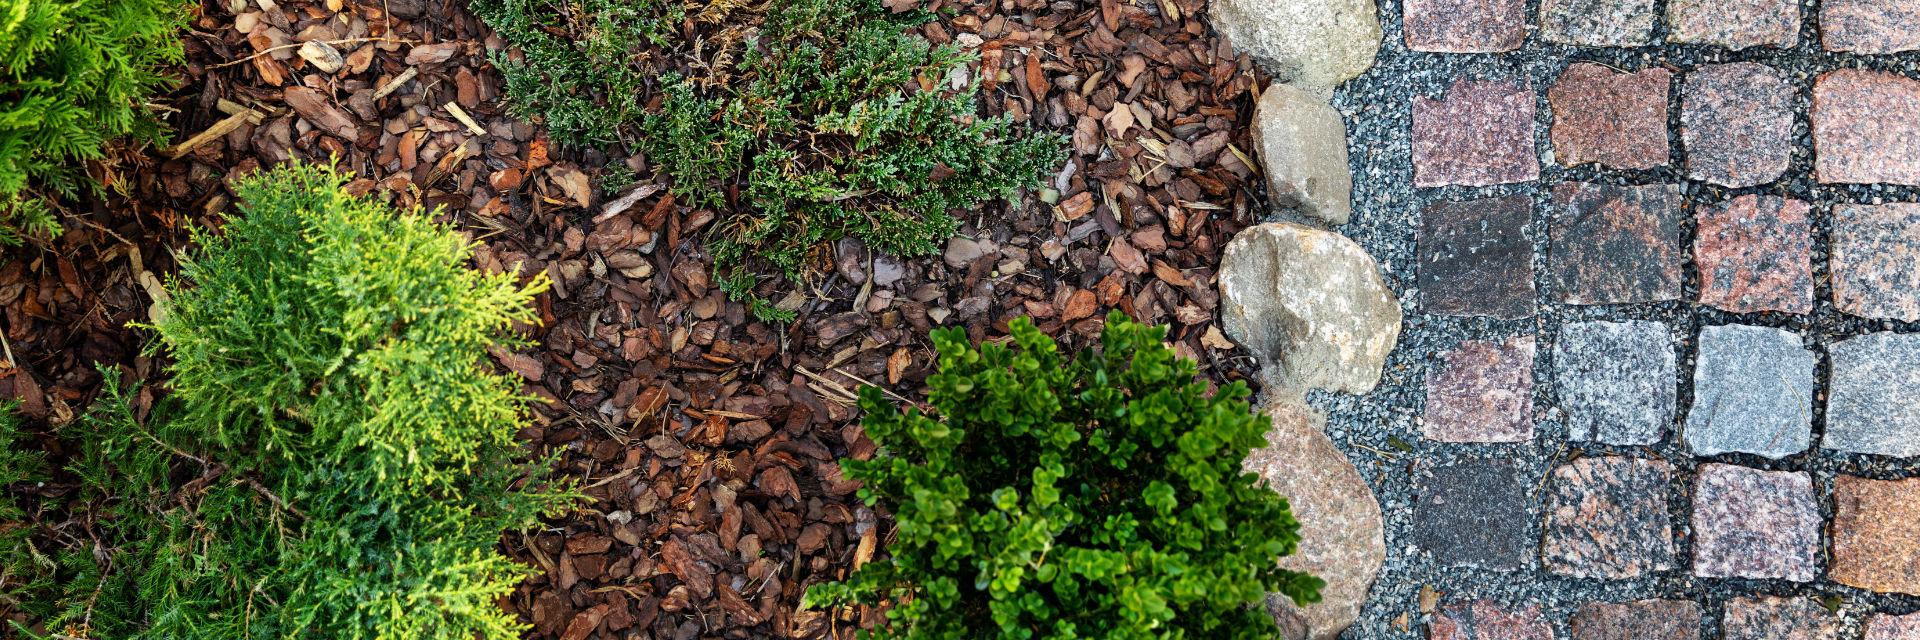 Mulch installed around green plants.